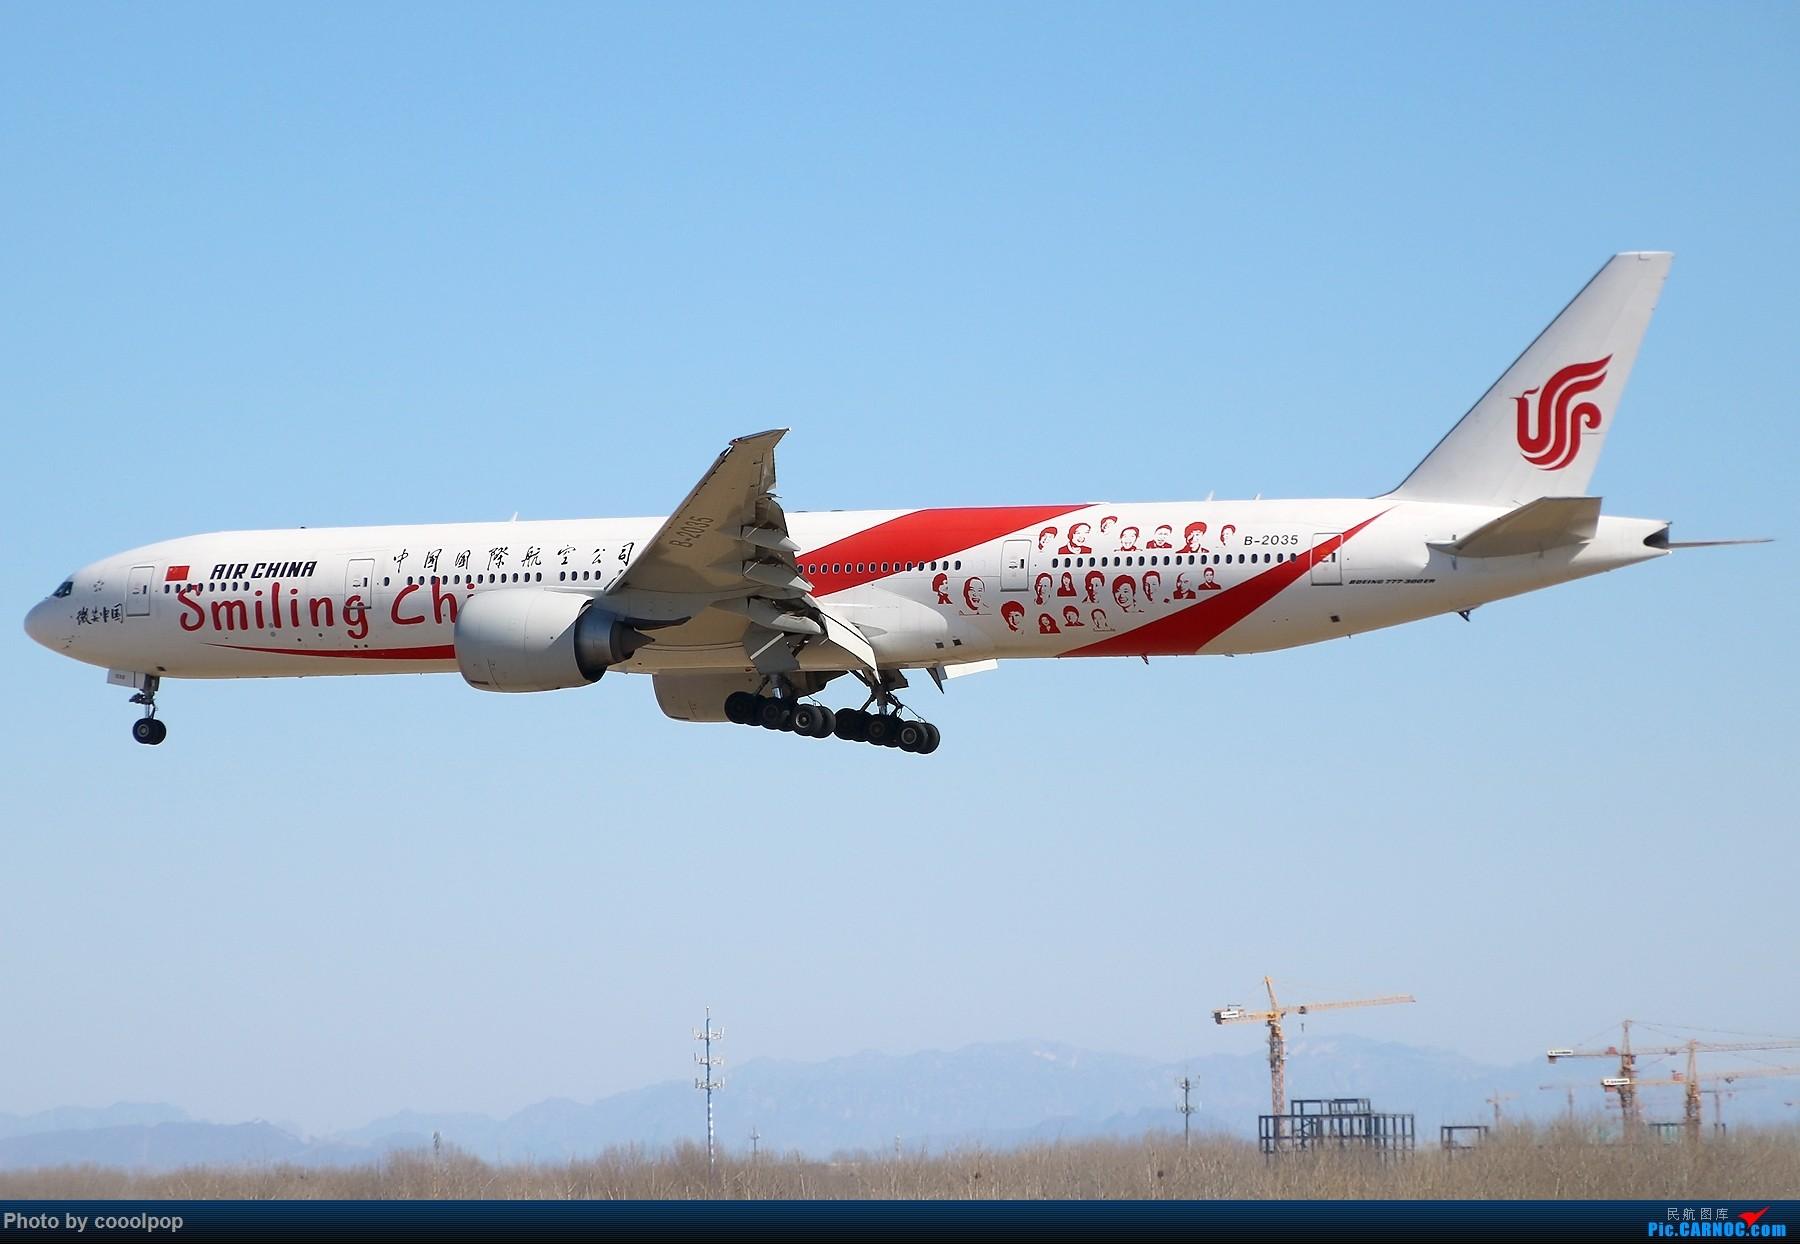 Re:[原创]PEK T3 桥上的一些大鸟!牌彩绘是要拼人品哒! BOEING 777-300ER B-2035 中国北京首都国际机场